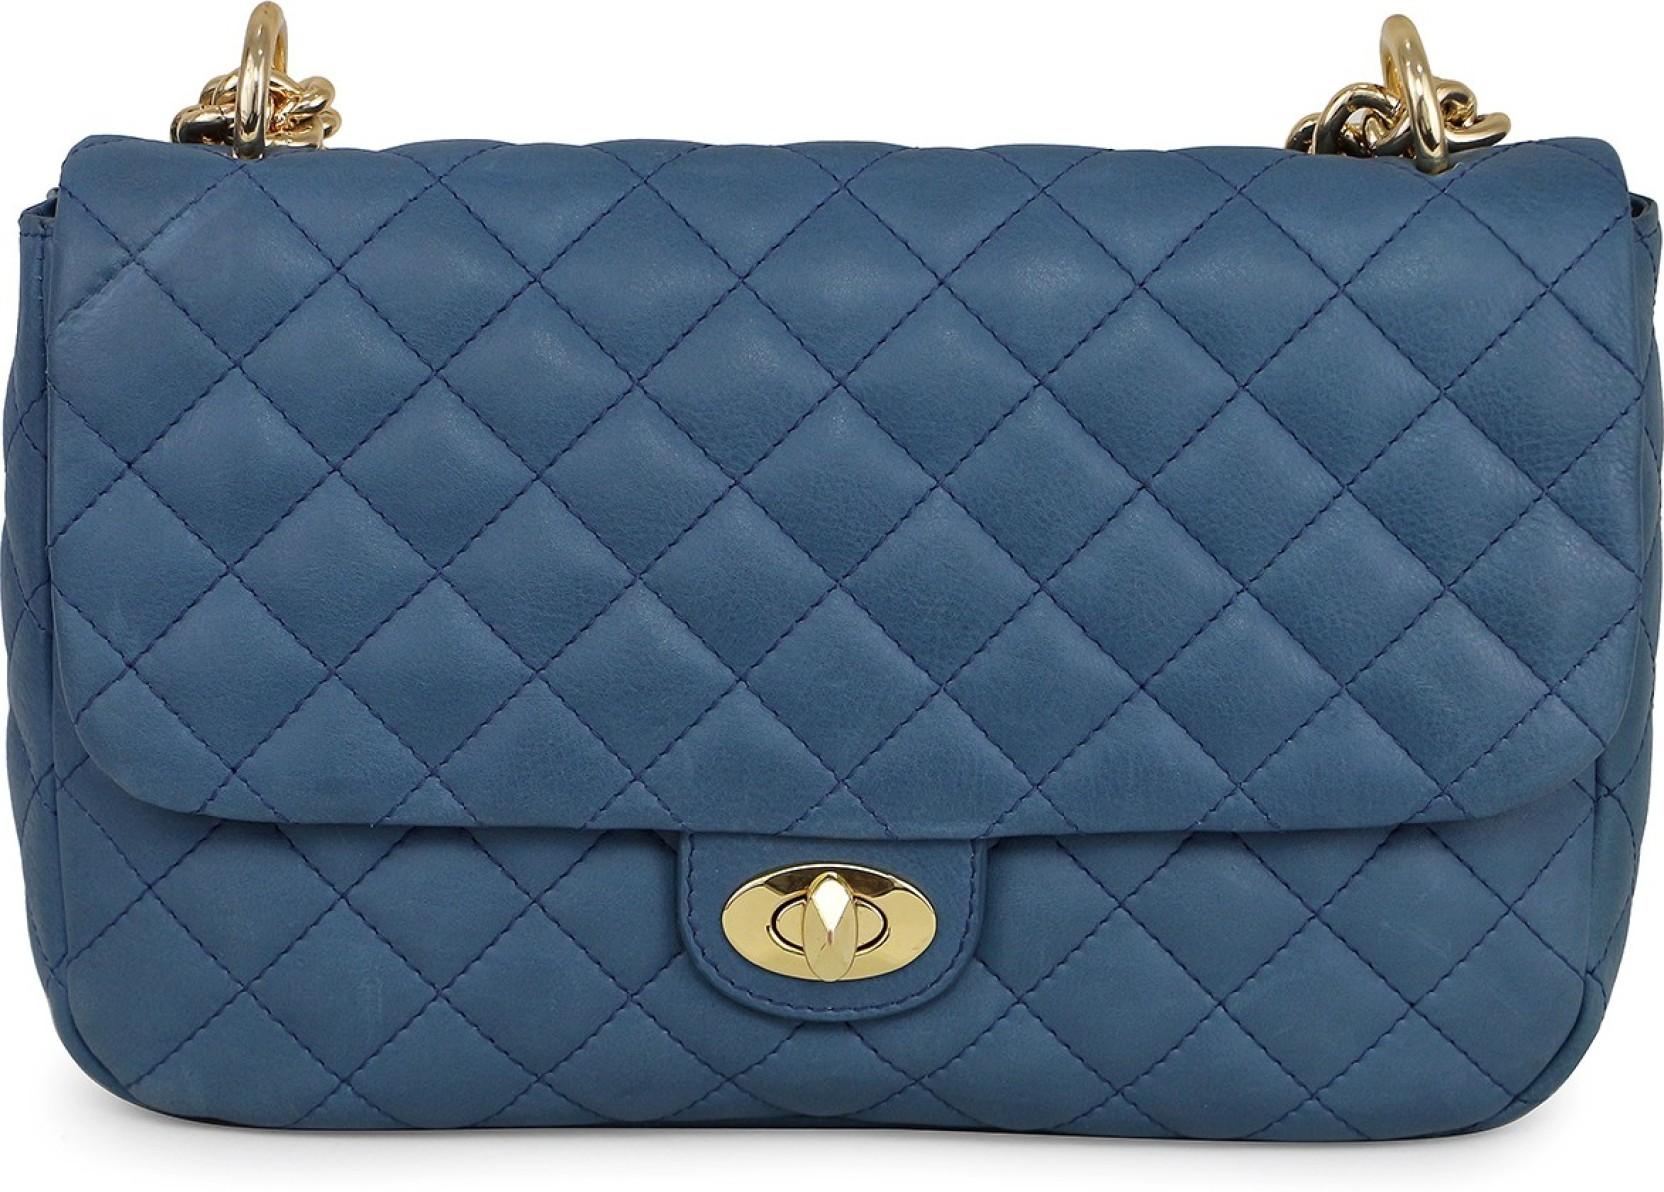 ad9b8d6b574 Da Milano Women Casual Blue Genuine Leather Sling Bag L.BLU - Price ...